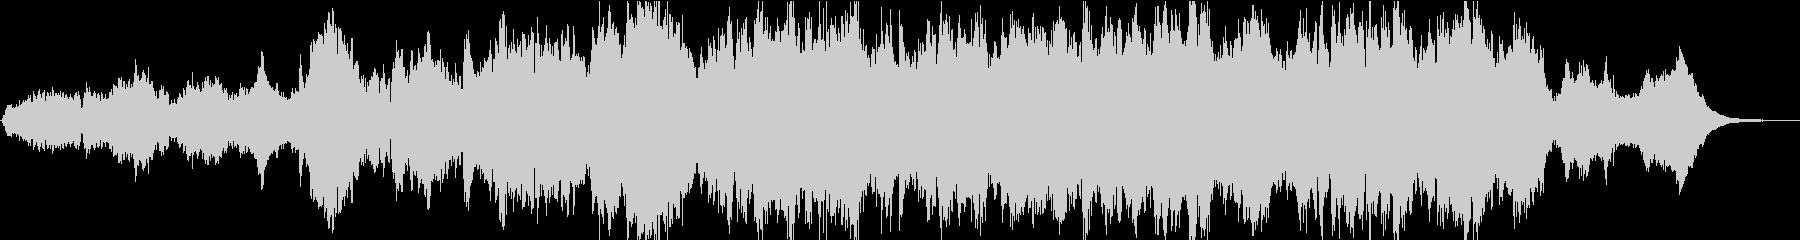 和風情緒ある優雅なオーケストラ(短縮版)の未再生の波形